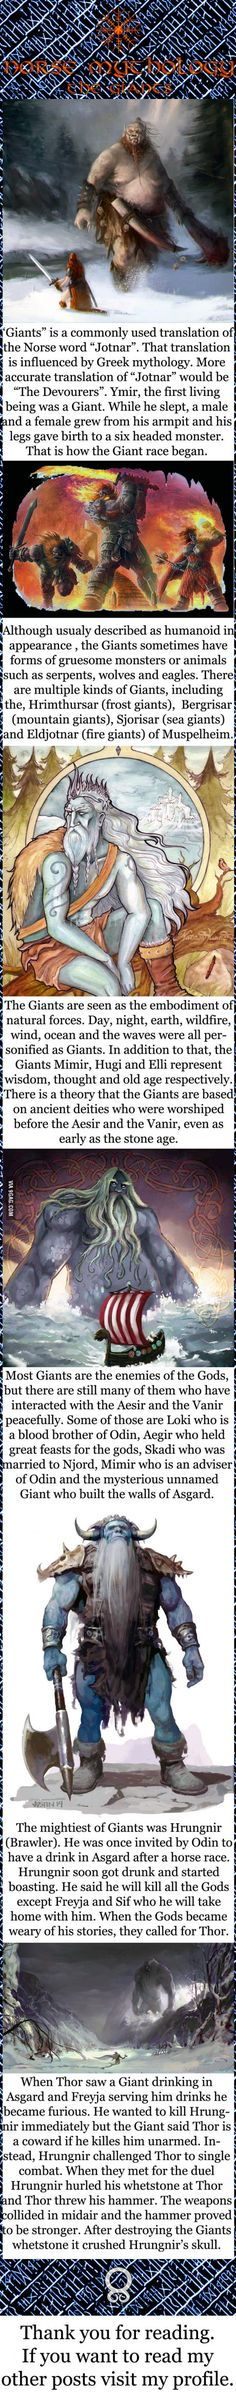 Norse mythology - The Giants